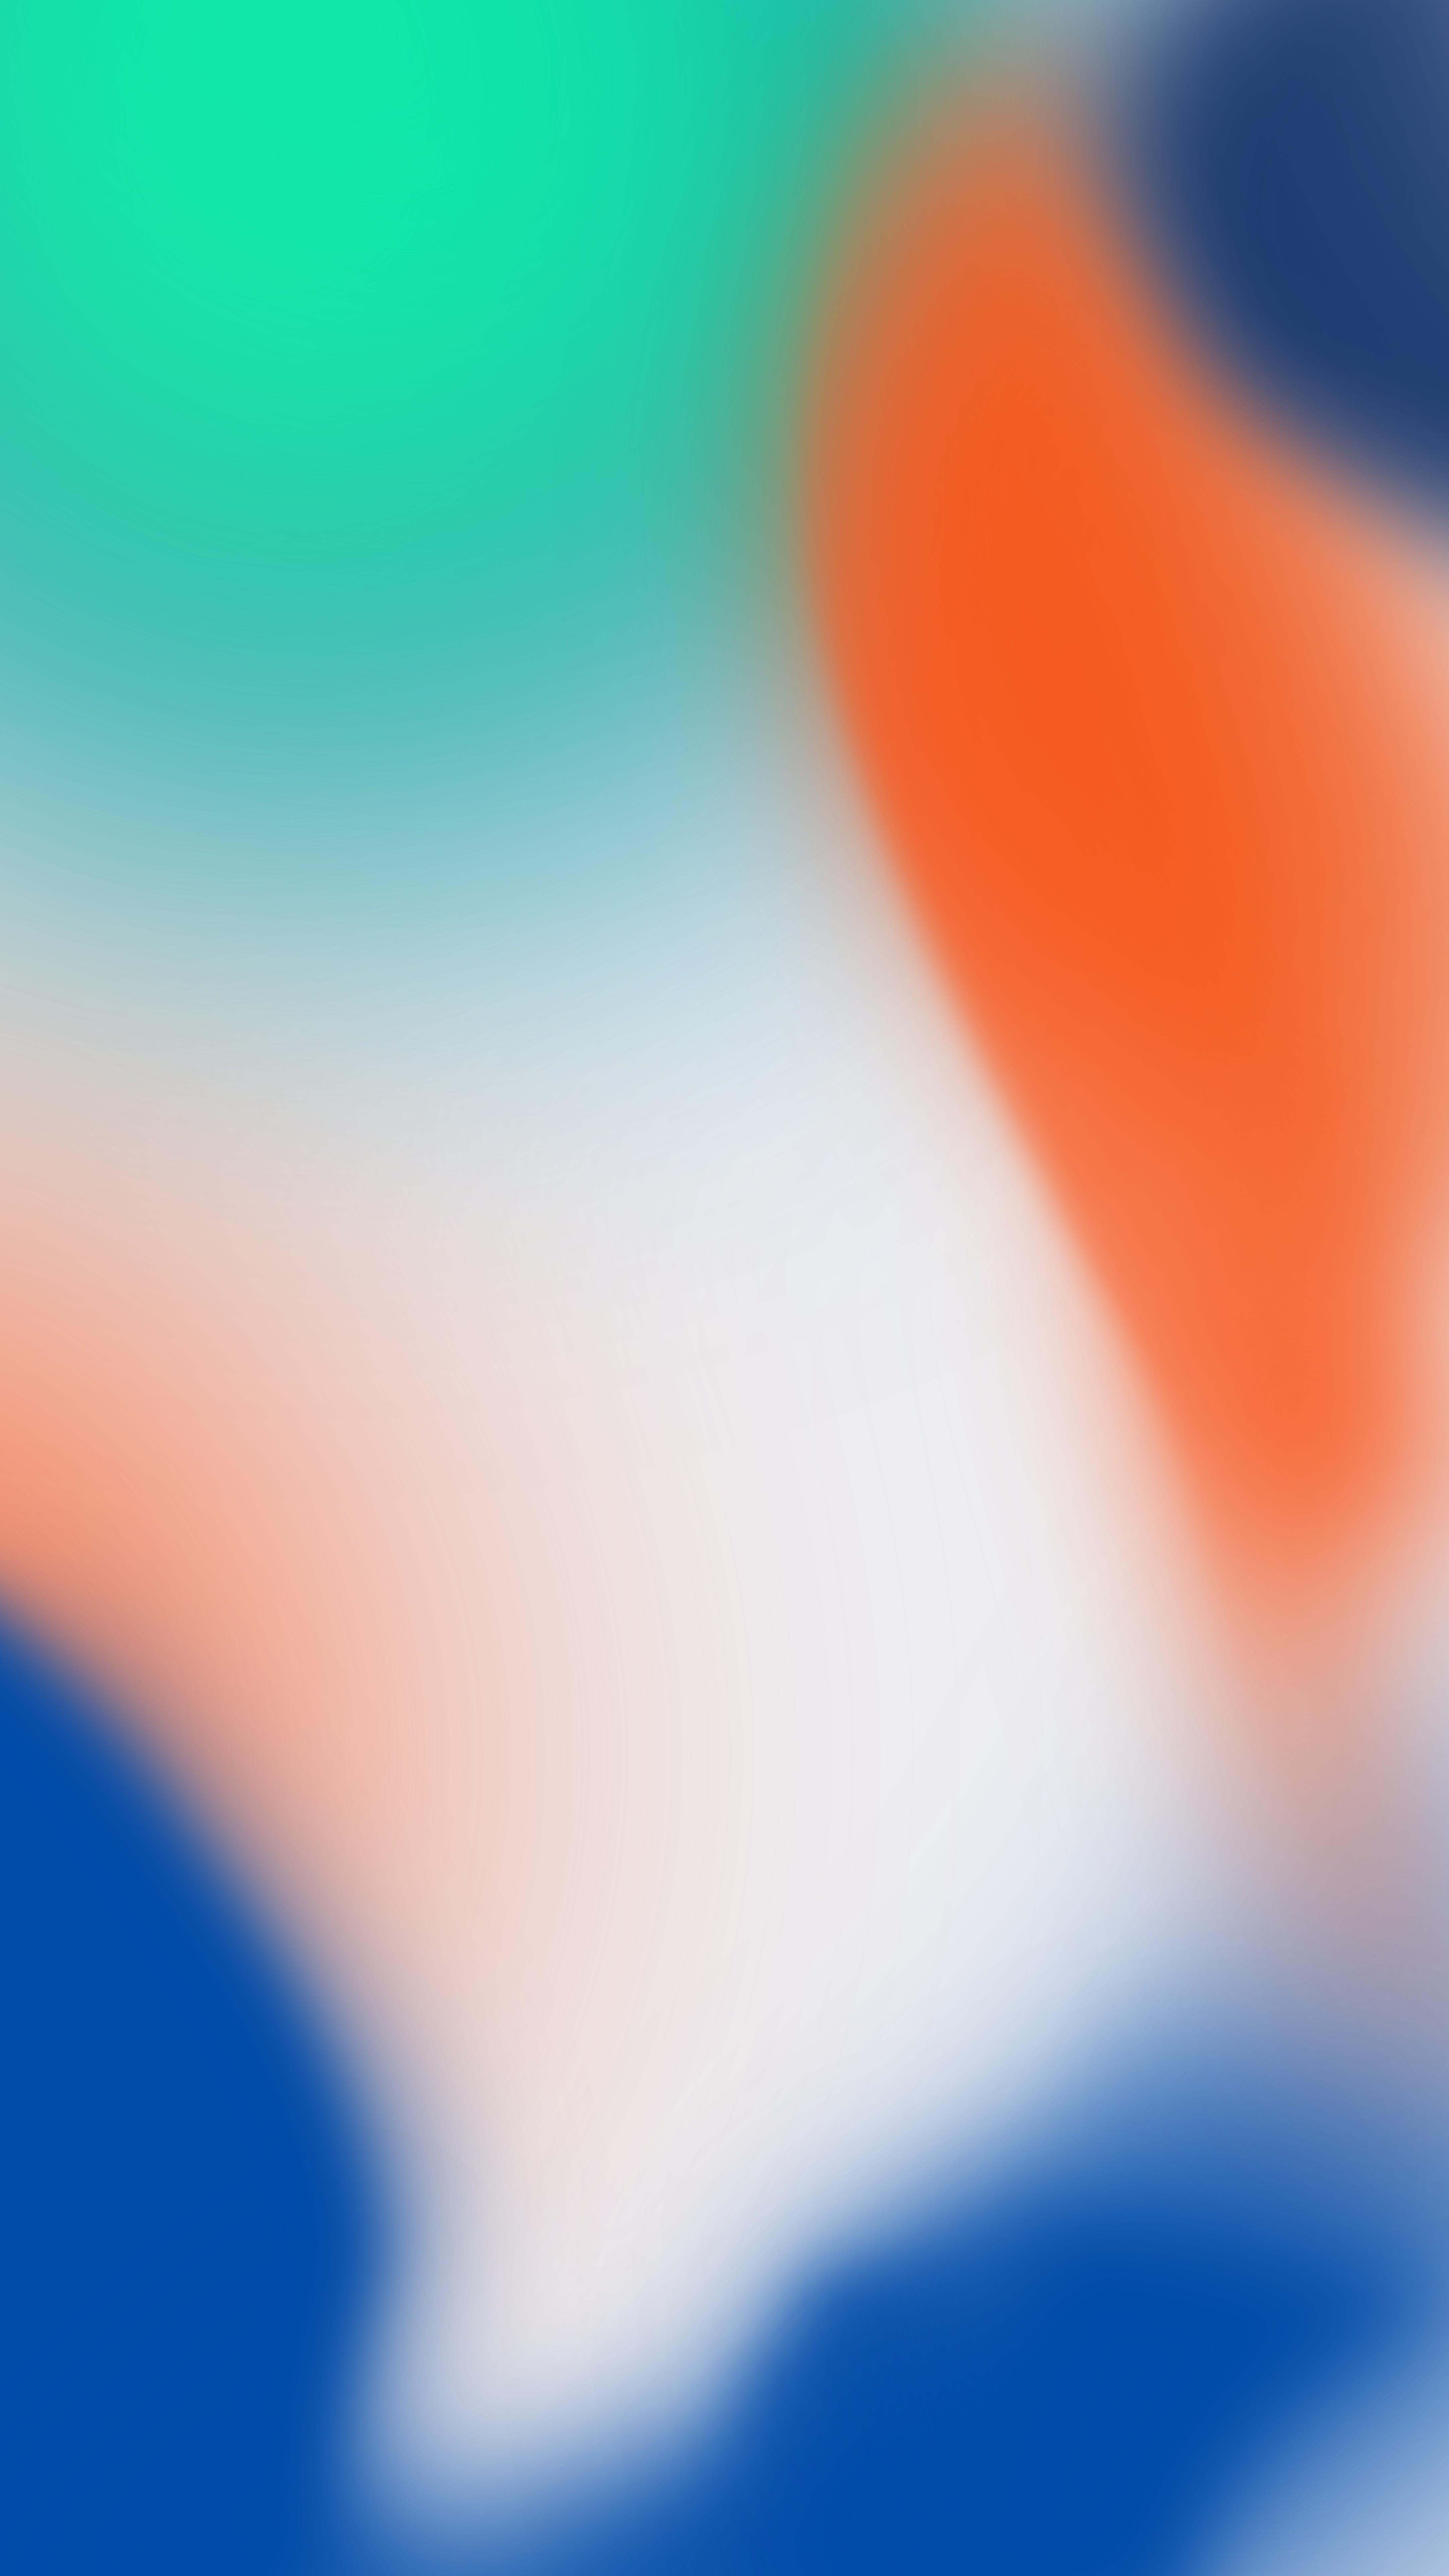 Wallpaper App For Iphone X Iphone X Wallpaper Green Orange Blue Mactrast